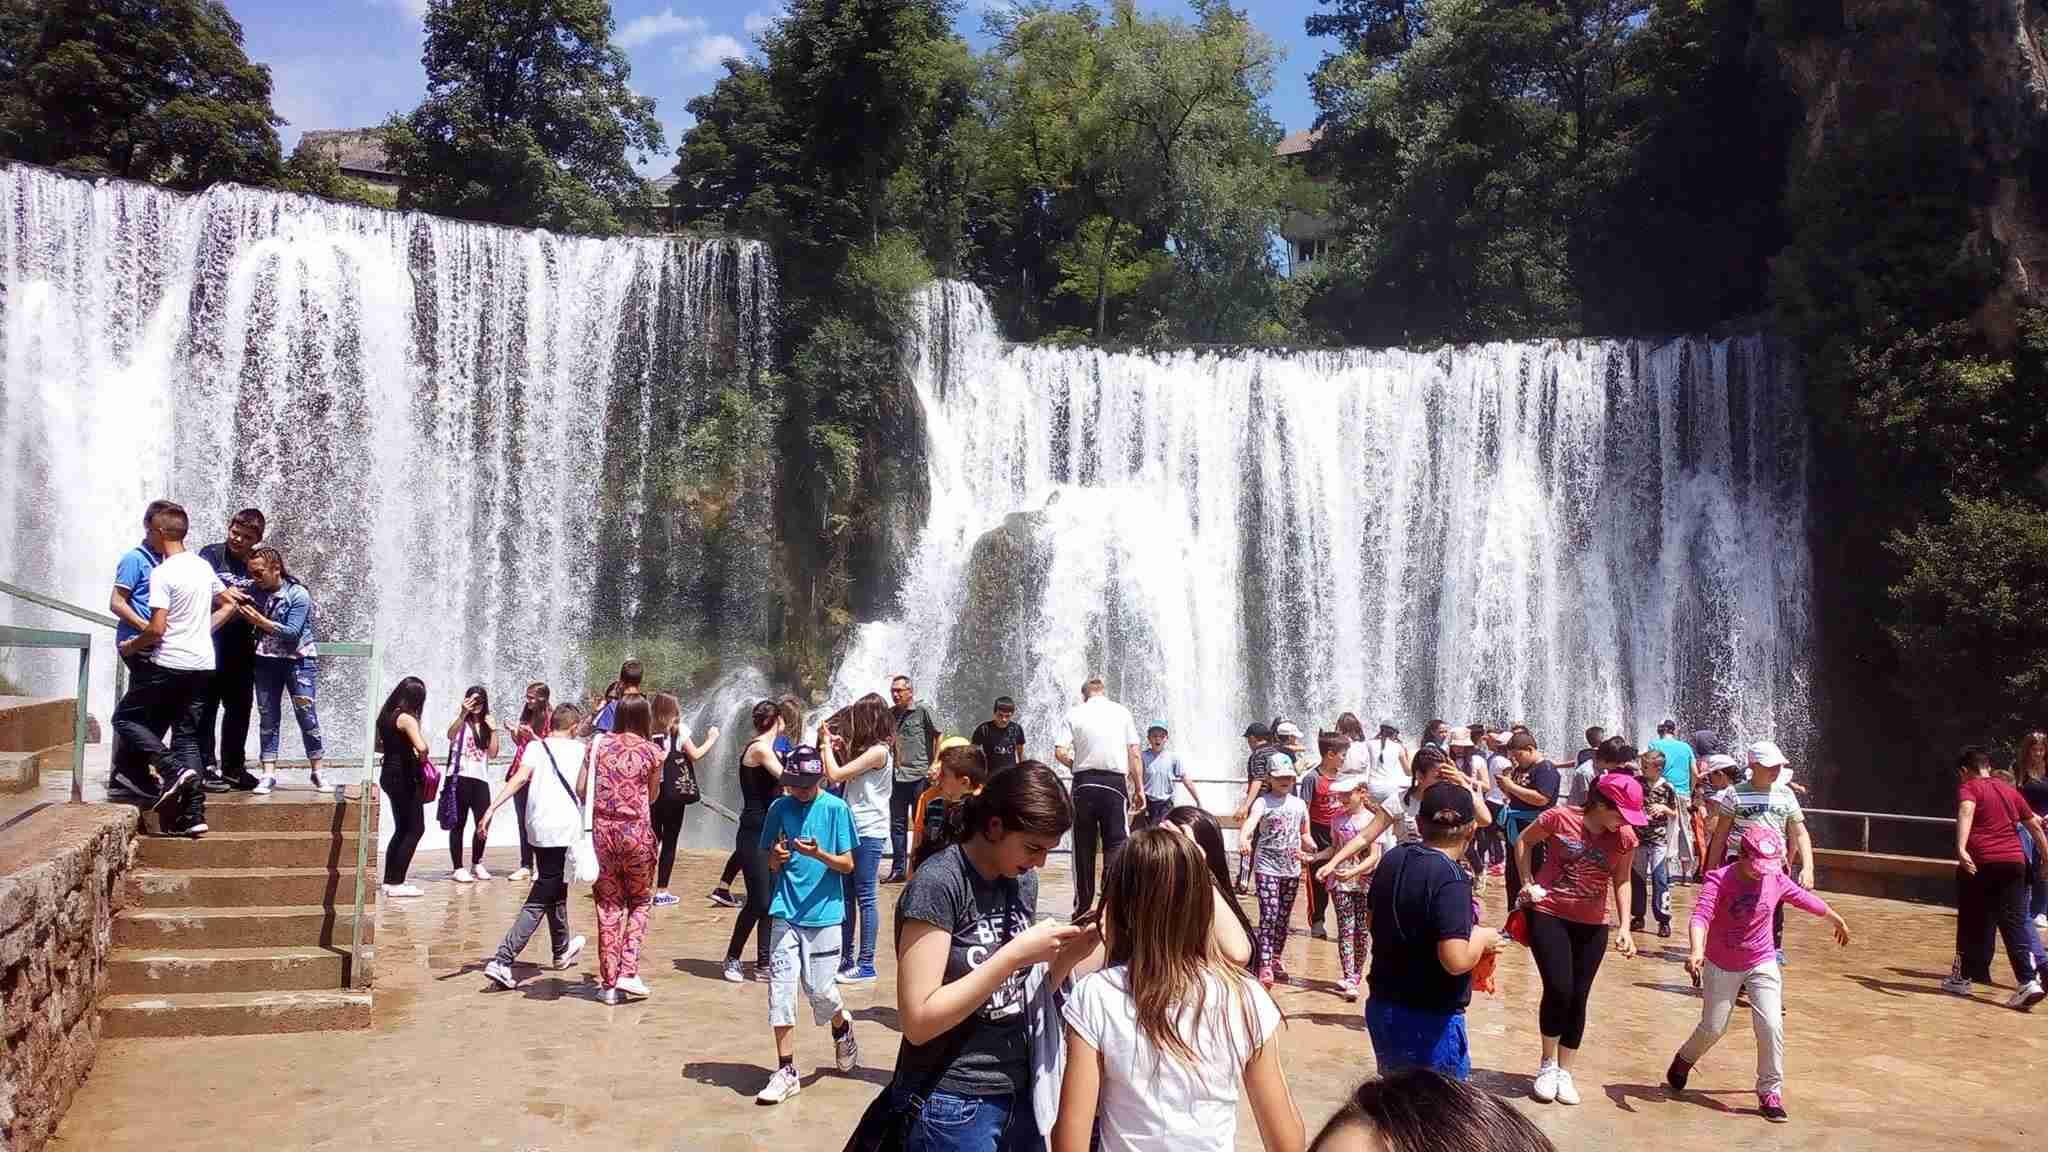 fbih - u aprilu više od 110 hiljada turista, 14,3 posto više nego u aprilu lani